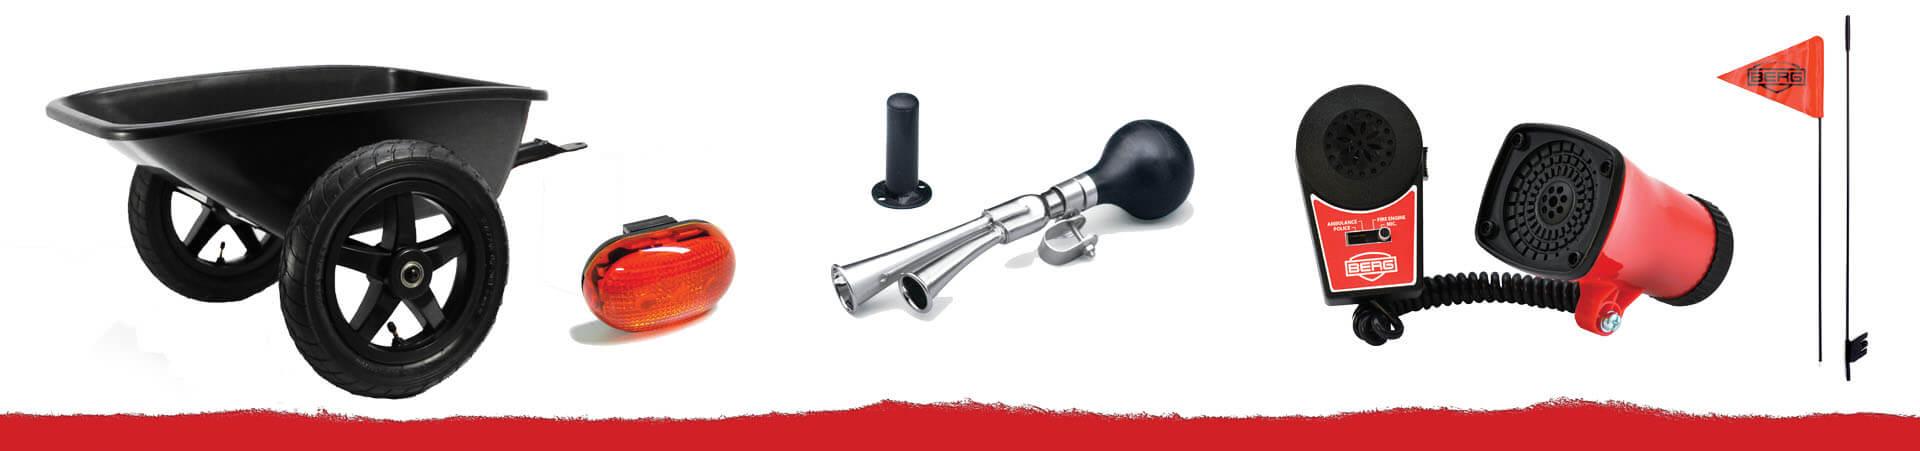 BERG Toys Sicherheit kaufen auf GOKART PROFI - Zubehör